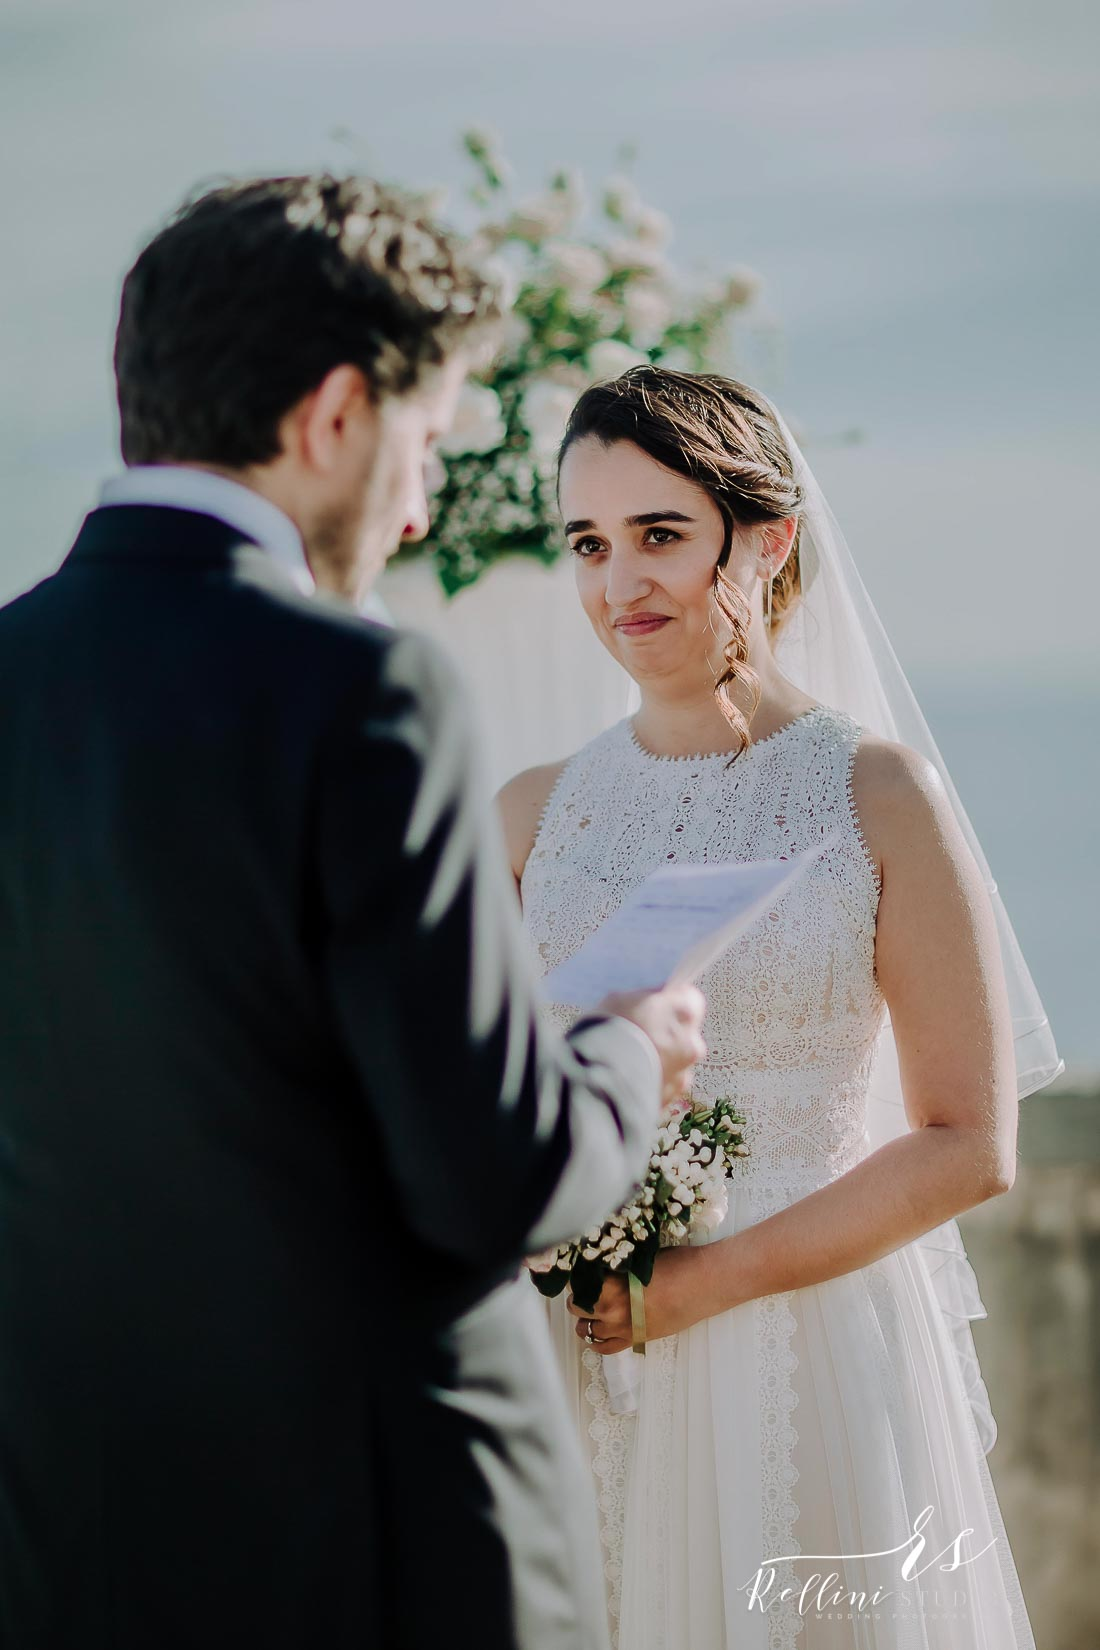 matrimonio Castello di Arechi Salerno 089.jpg